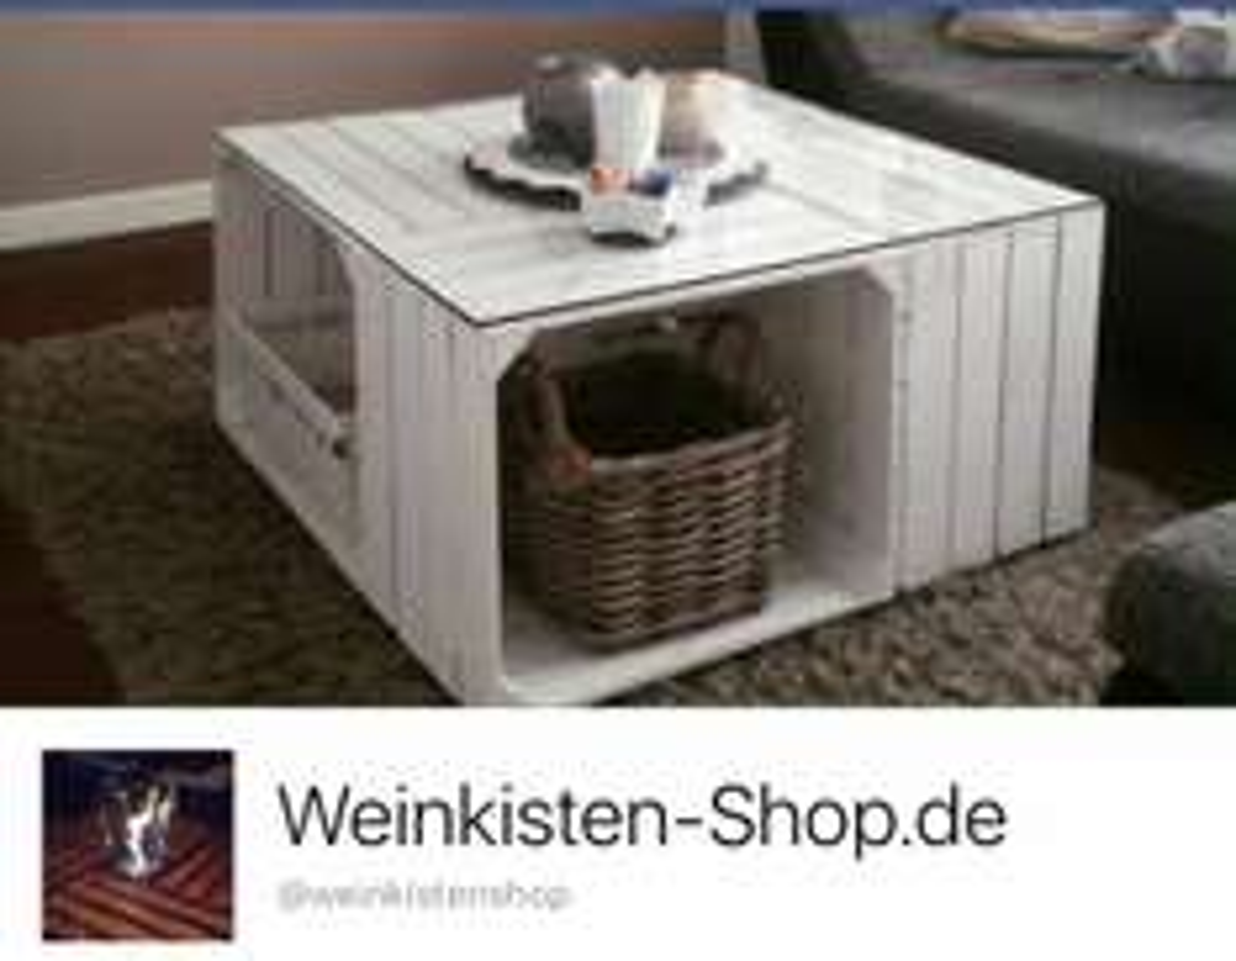 Weinkisten-Shop - 05.01 keine Versandkosten